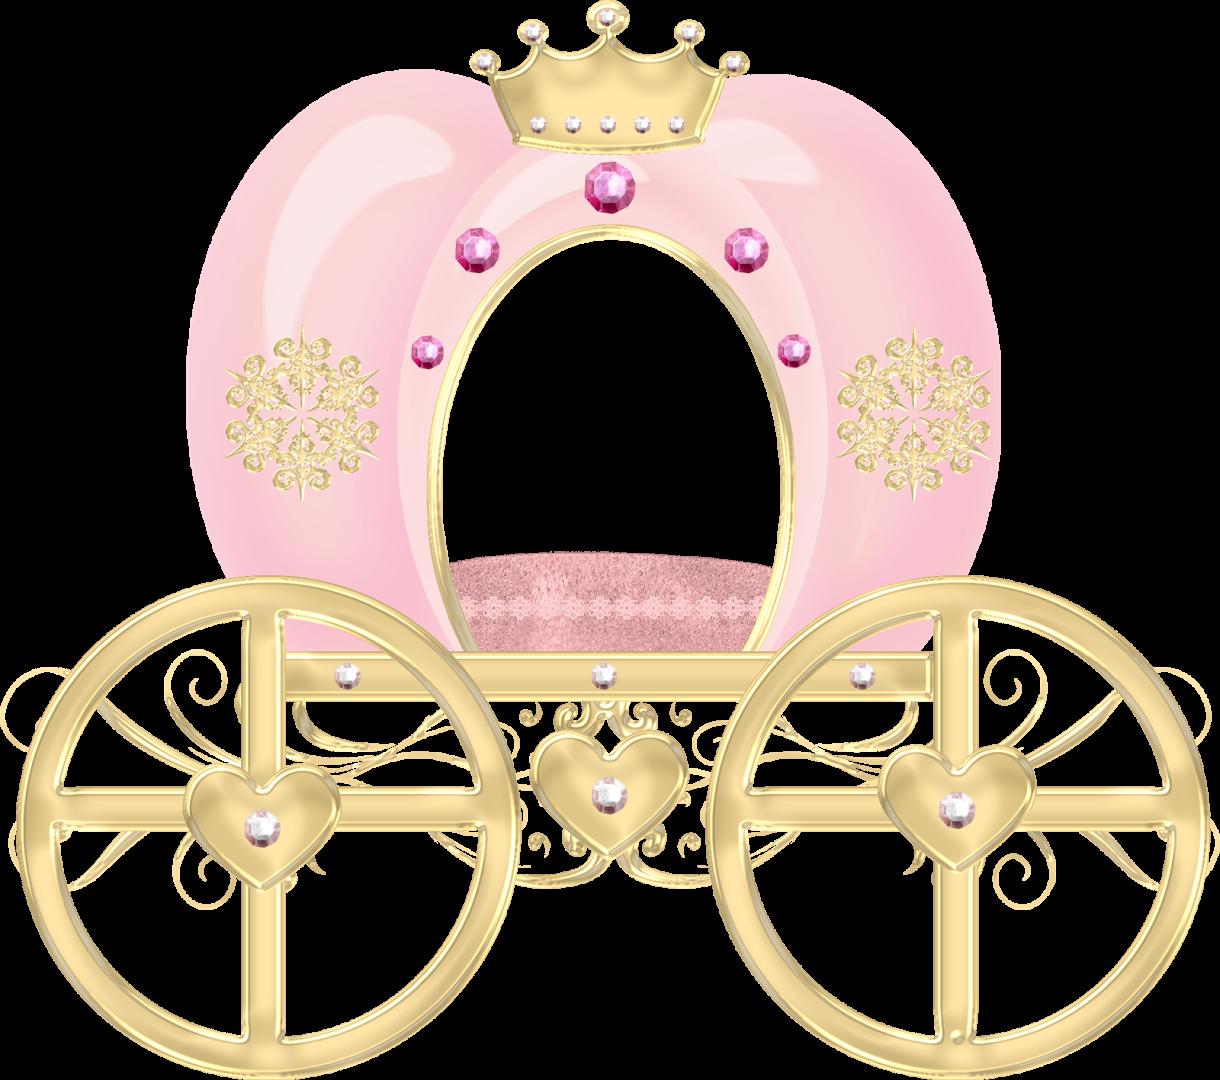 Carroza Carruajes De Princesas Fiesta De